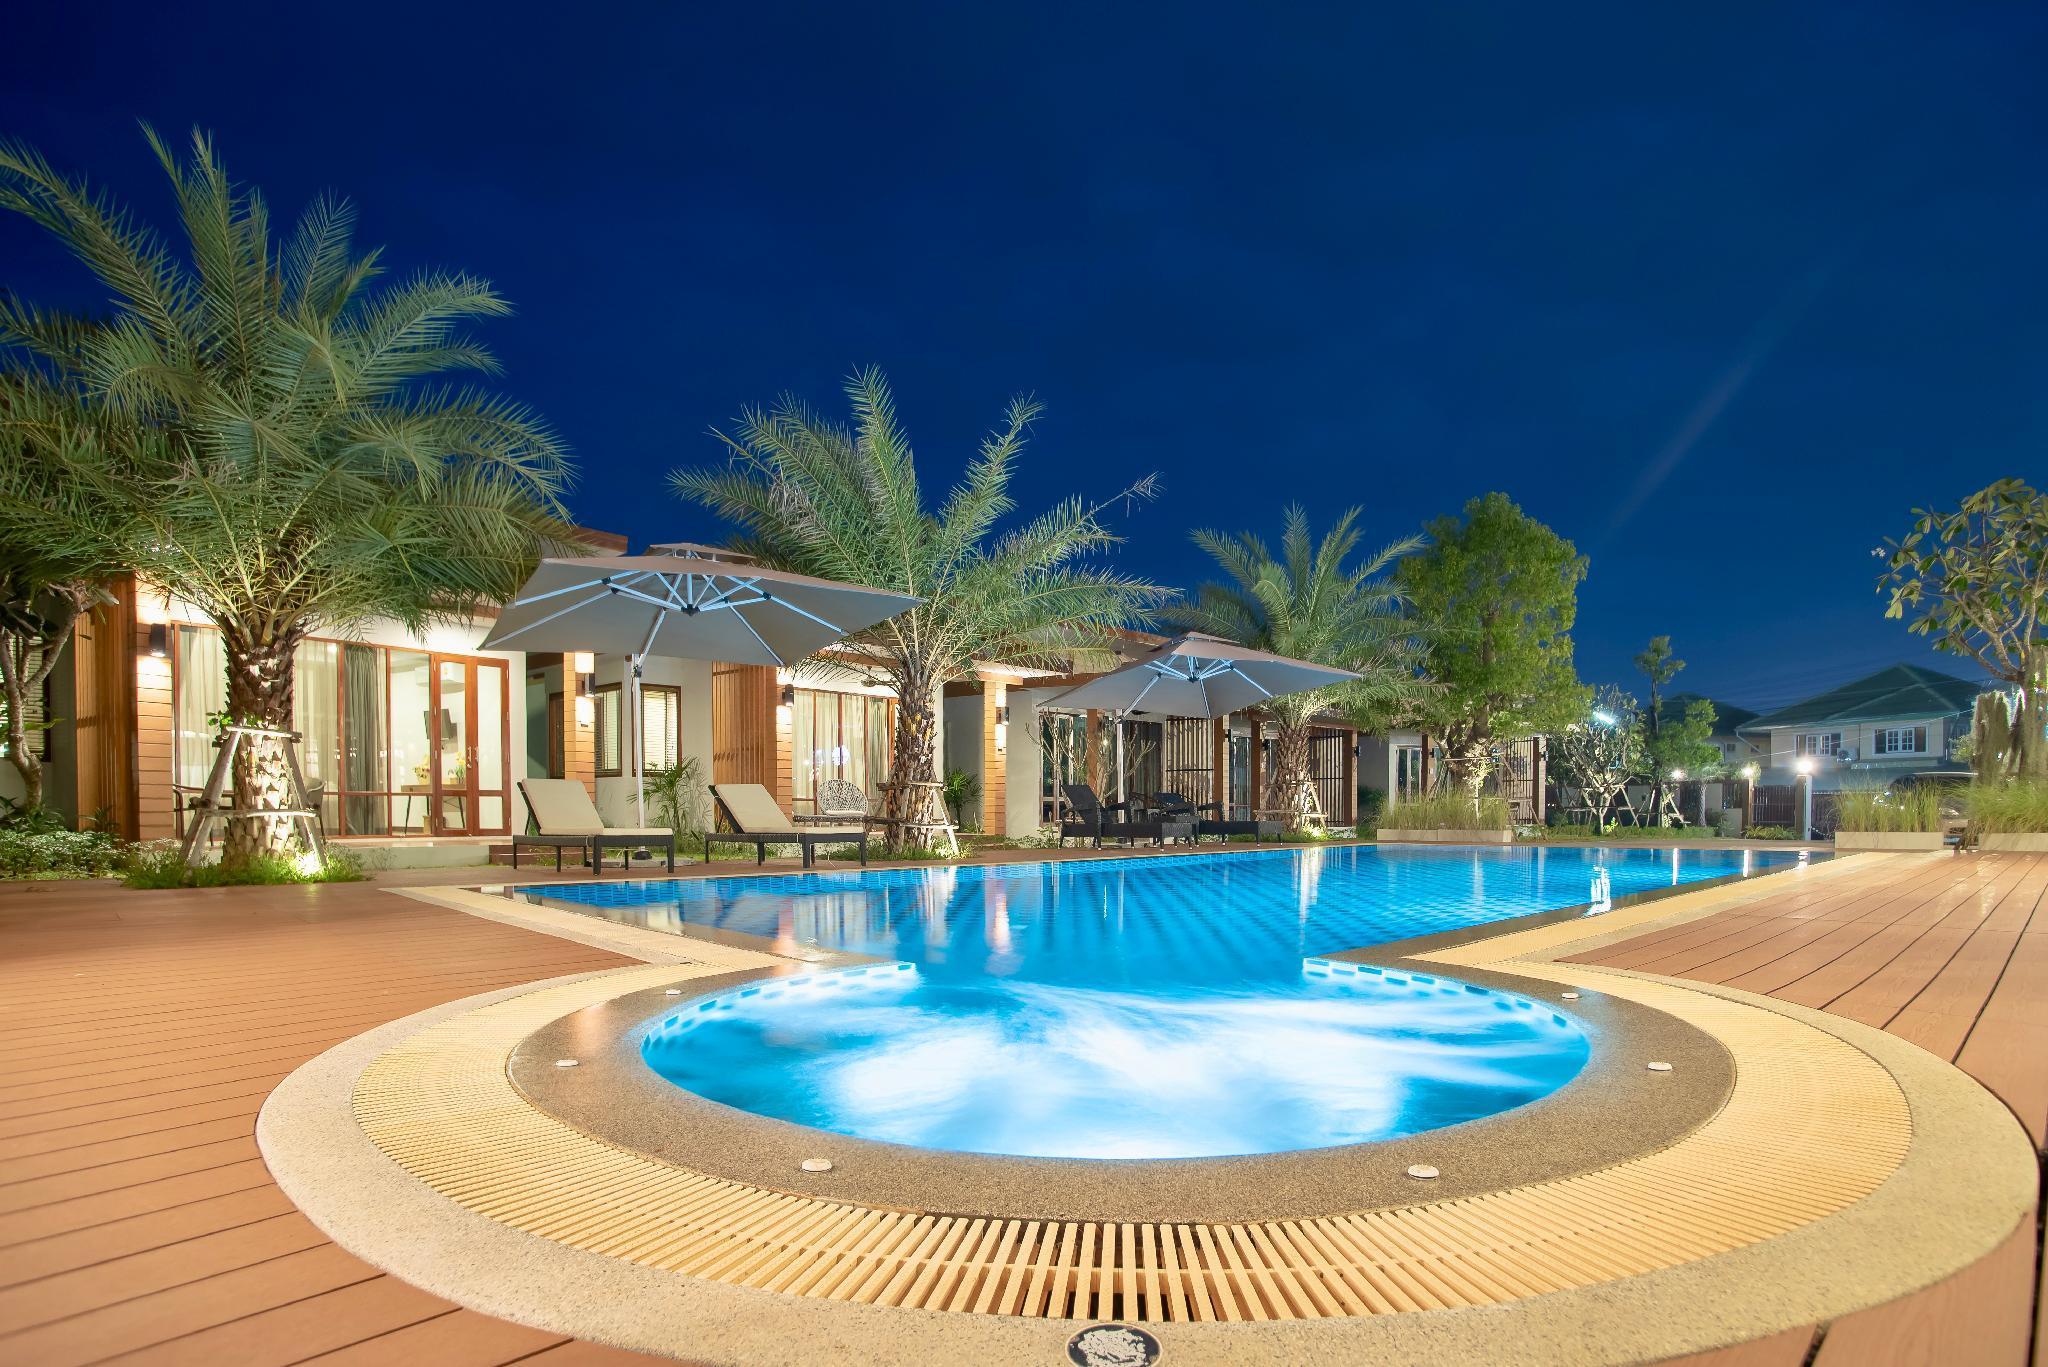 Private Luxury Pool Villa  9 BR  Netflix Apple Tv